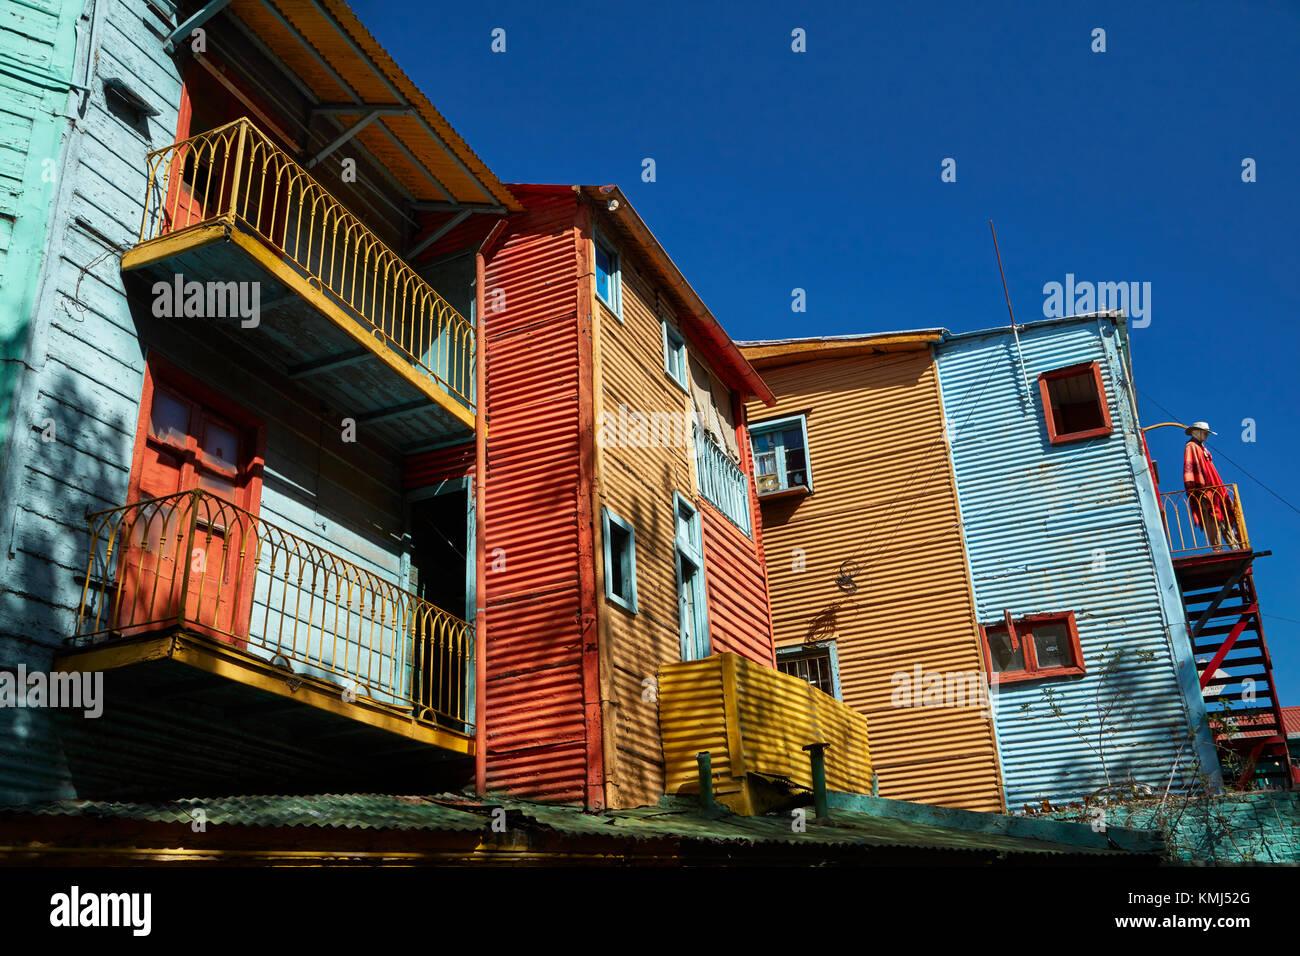 Edifici su el Caminito, La Boca, buenos aires, Argentina, Sud America Immagini Stock